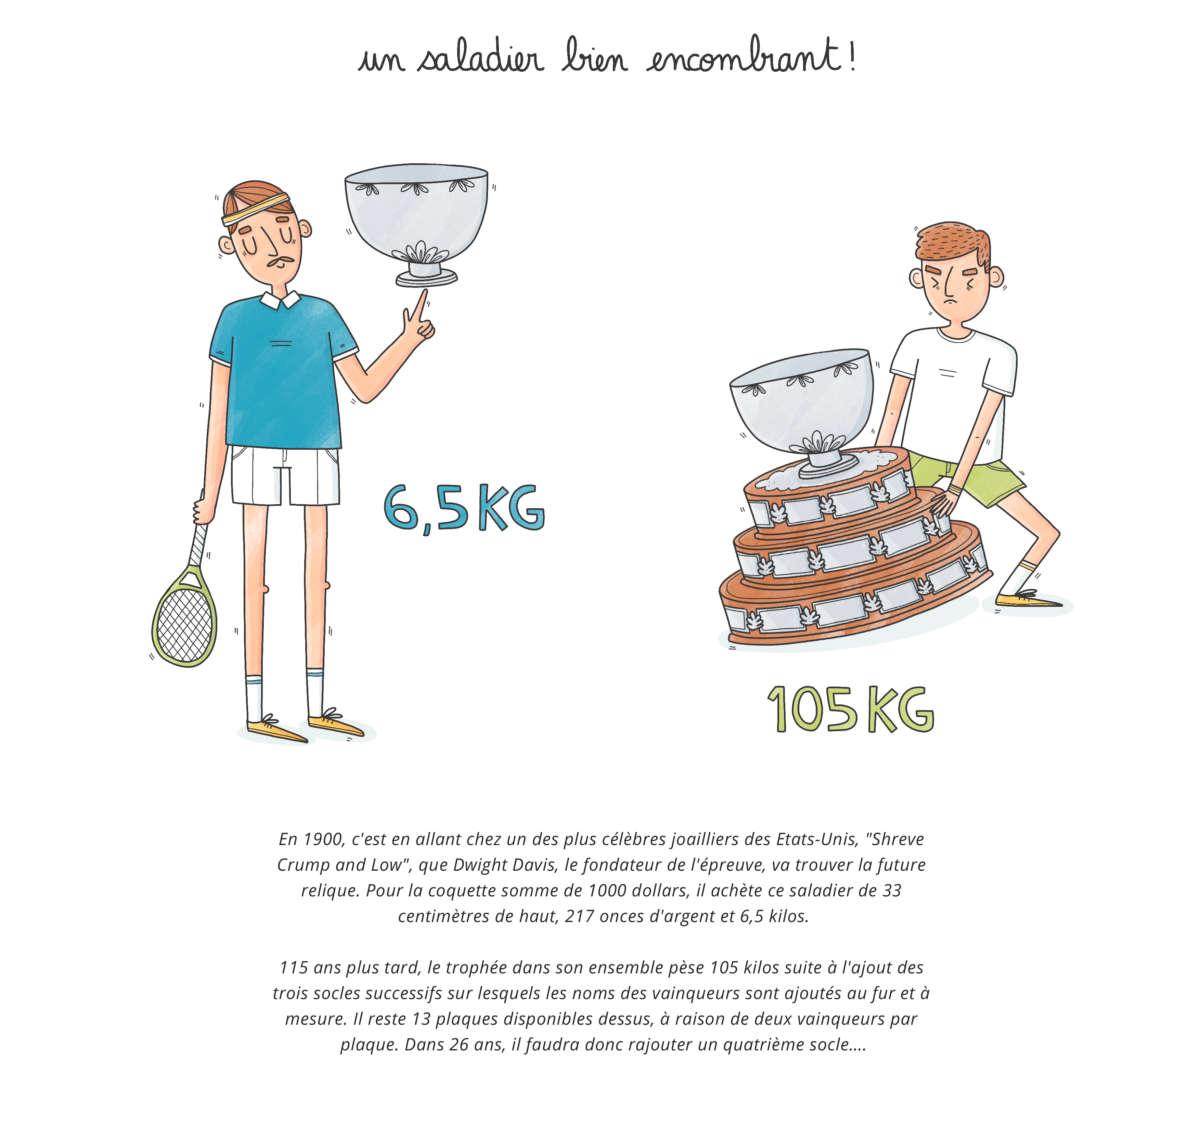 Illustration pour la Coupe Davis